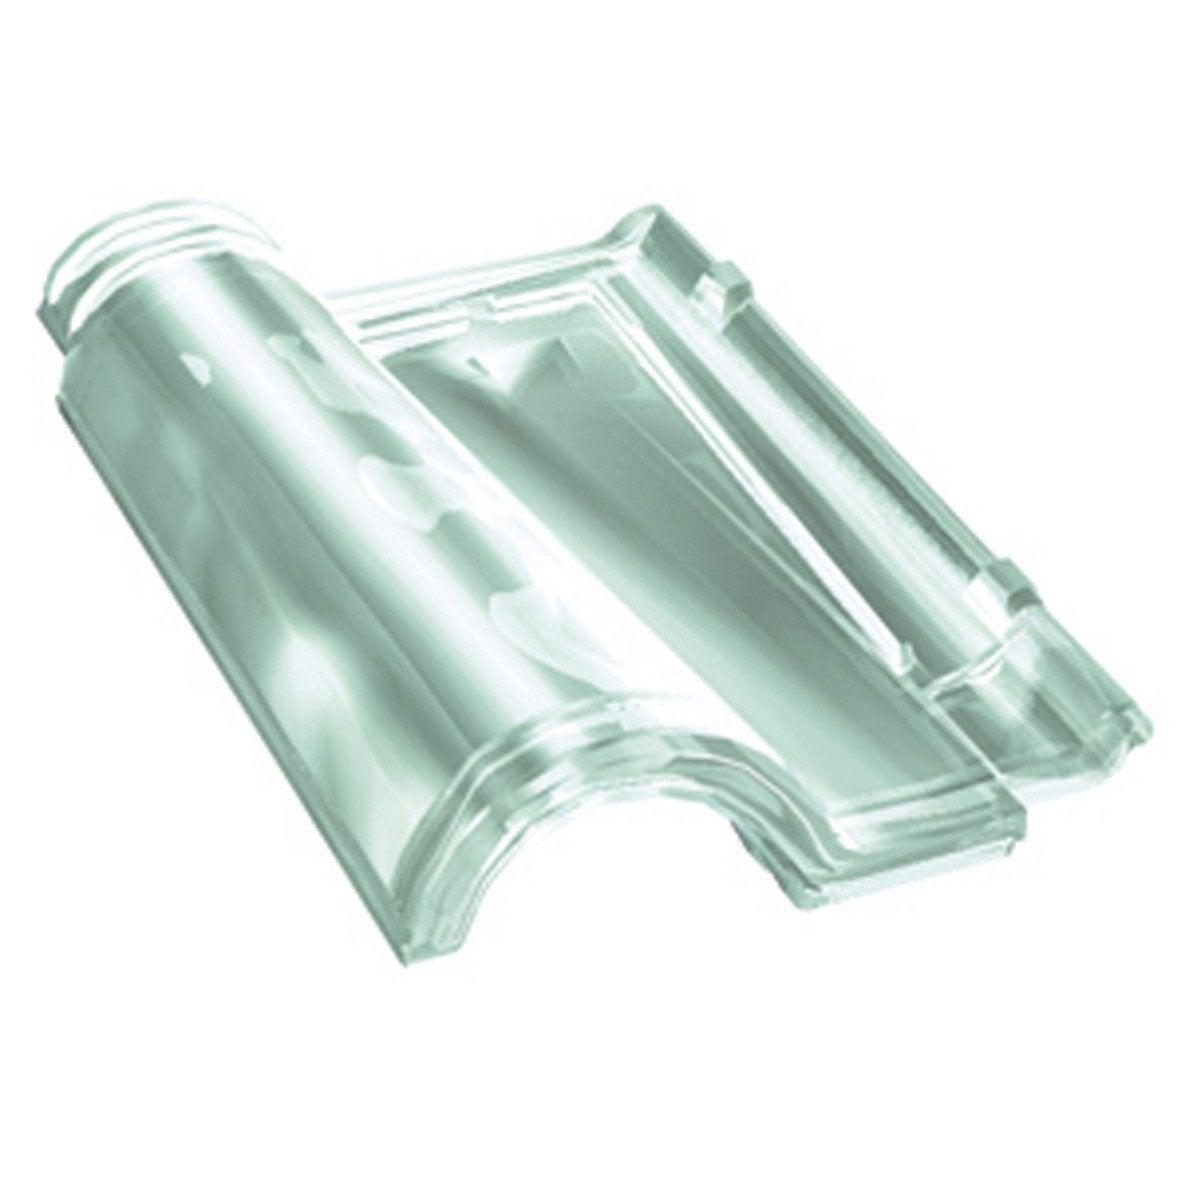 Tuile d 39 clairement saverbat couverture translucide romane - Tuile en verre leroy merlin ...